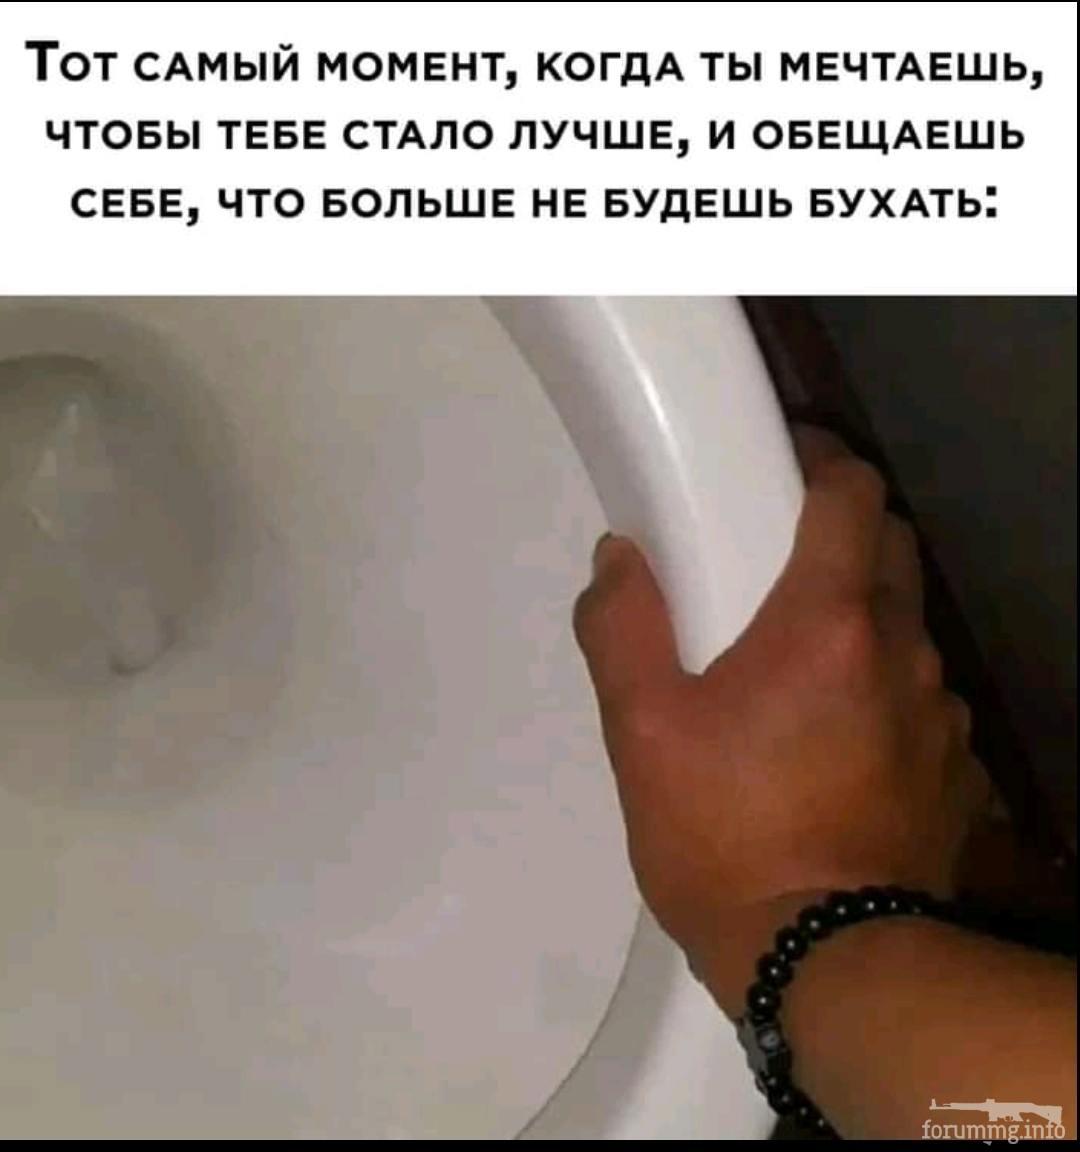 130855 - Пить или не пить? - пятничная алкогольная тема )))